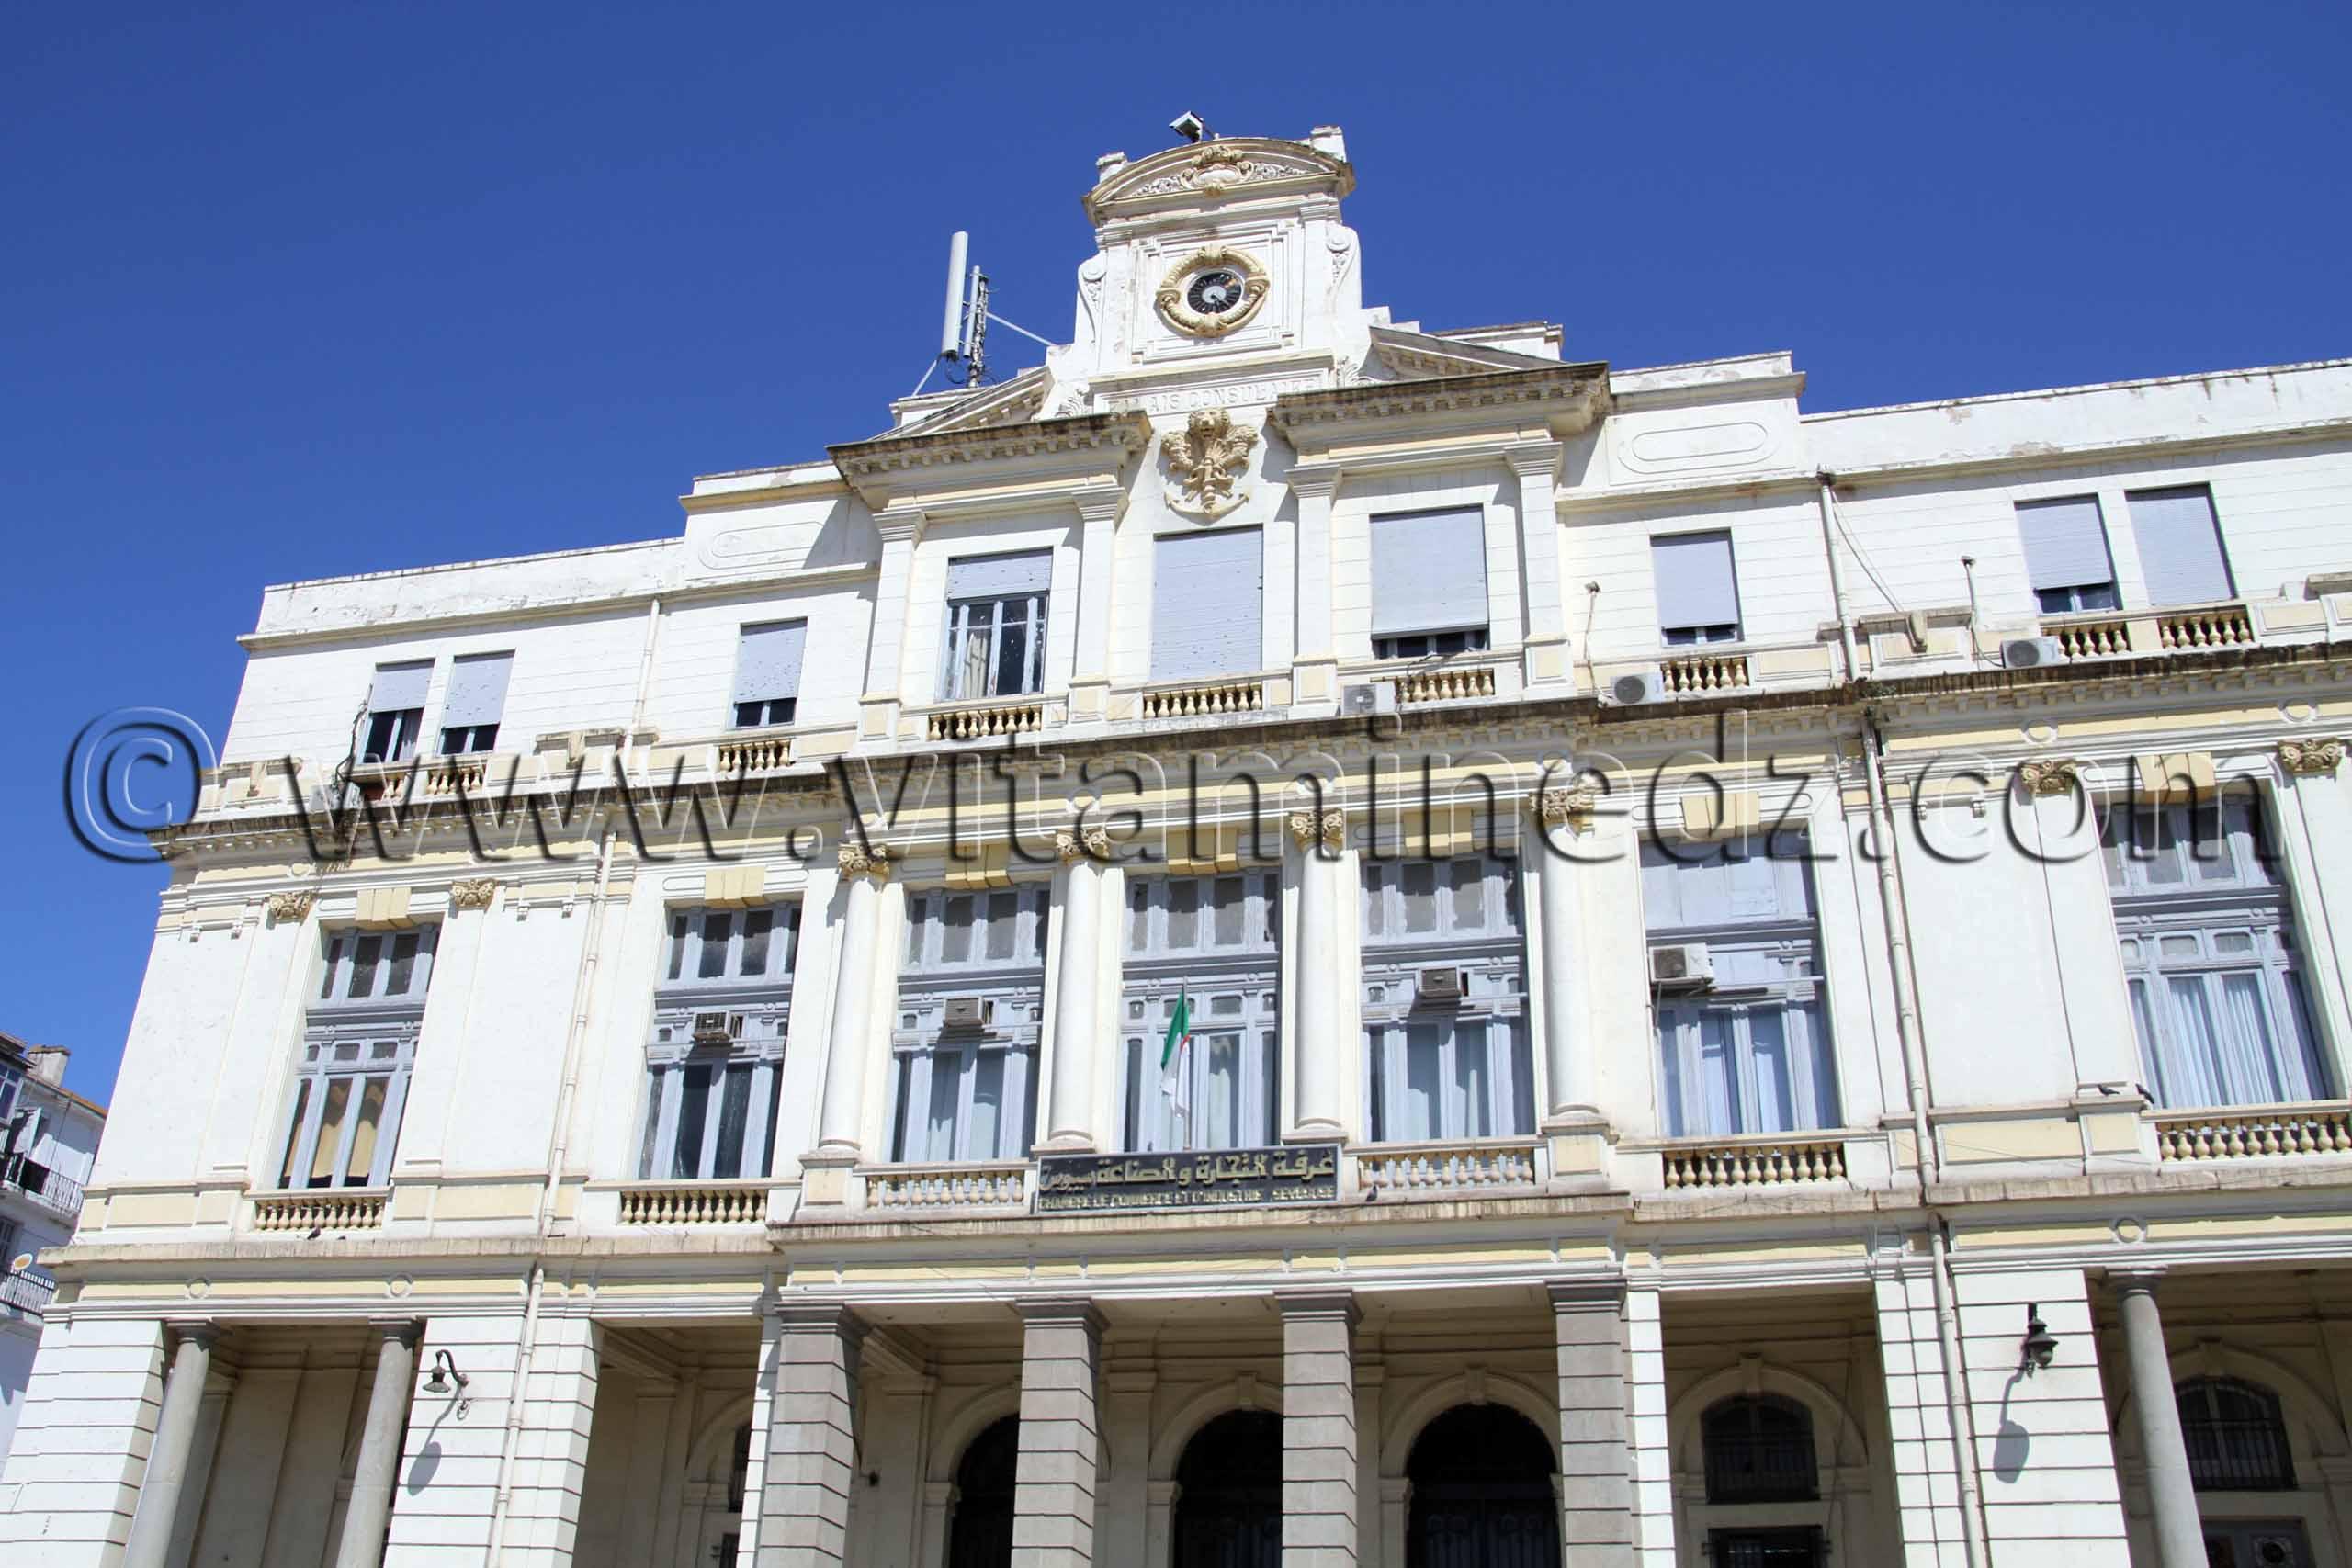 Chambre de commerce seybousse annaba 2013 for Chambre de commerce evreux